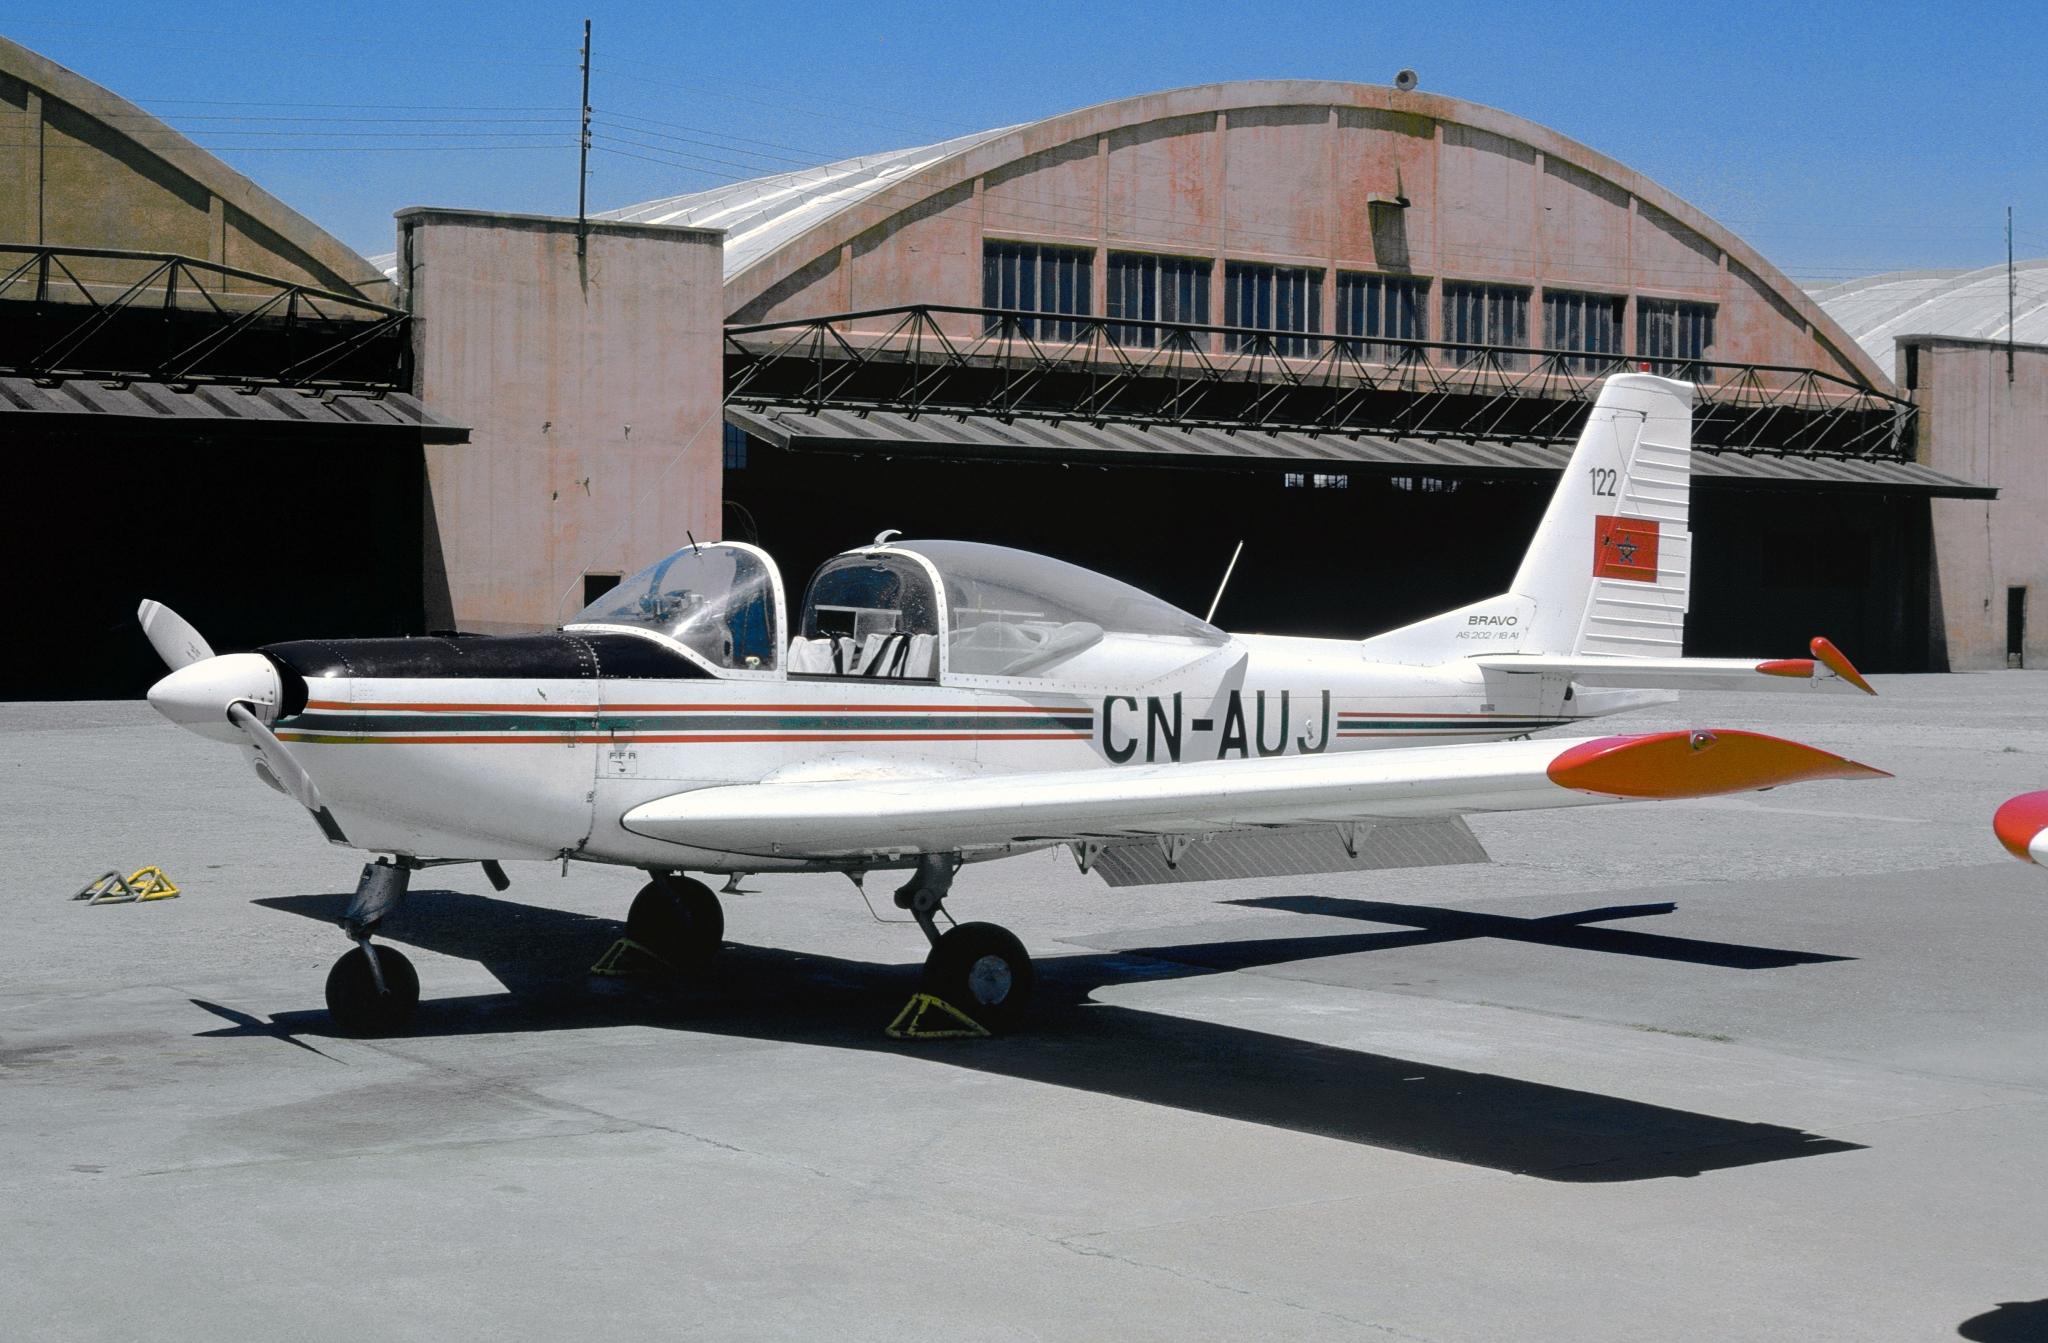 FRA: Photos avions d'entrainement et anti insurrection - Page 9 33146298518_e66a4e7826_o